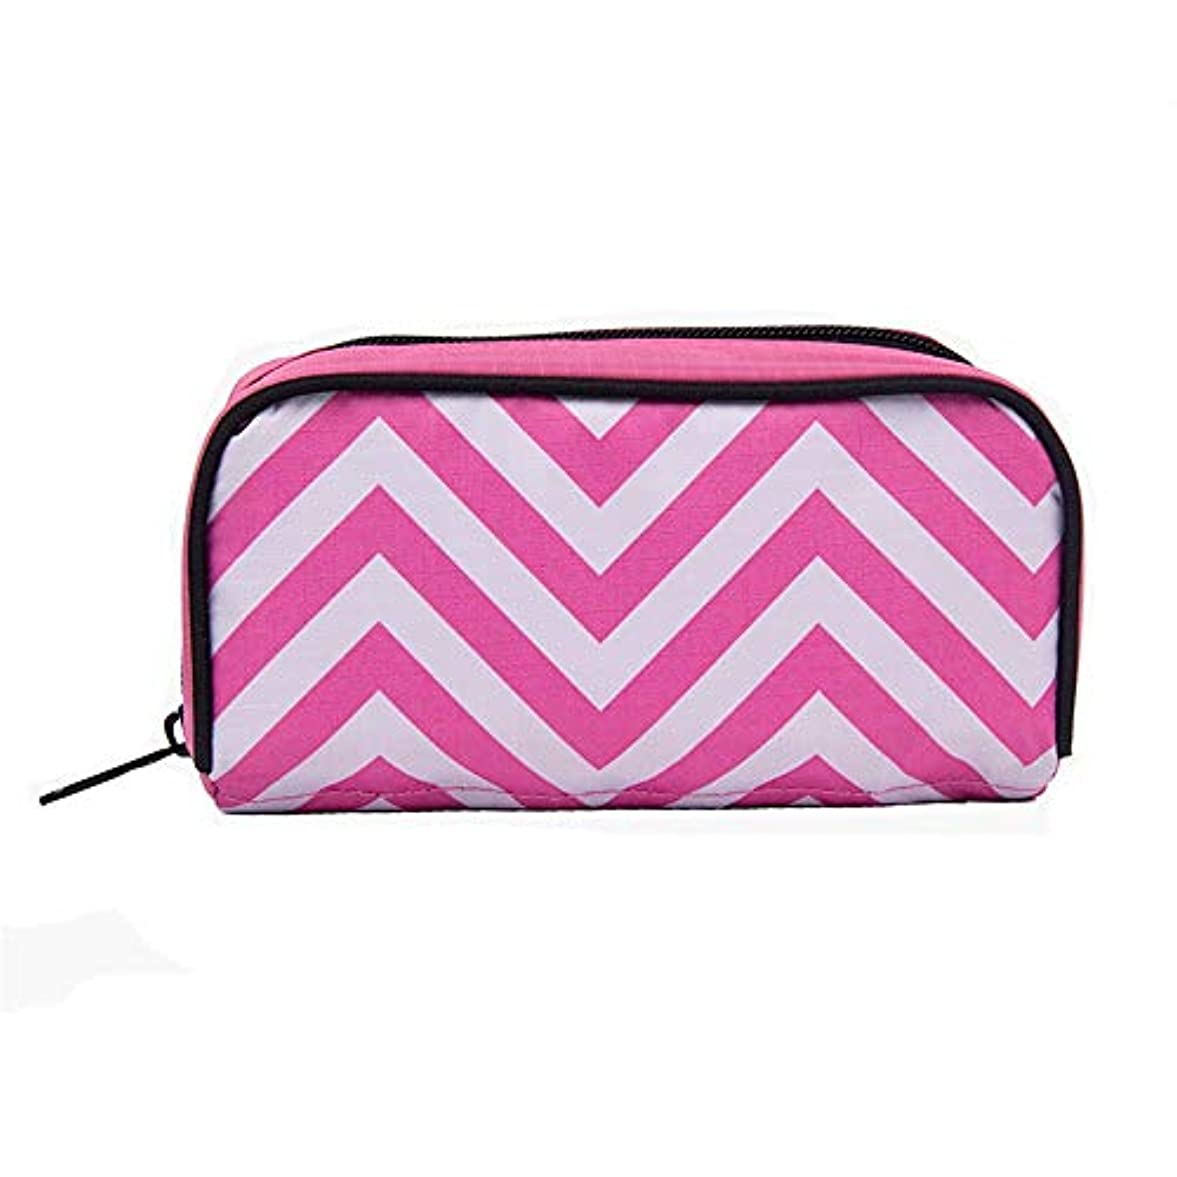 再開お風呂を持っている欠かせないアロマセラピー収納ボックス ローラーボトルホルスター用オイル高度な保護10本のボトルに完璧な旅行の外部ストレージ統合袋を保護するために、 エッセンシャルオイル収納ボックス (色 : ピンク, サイズ : 17X8.5X6CM)